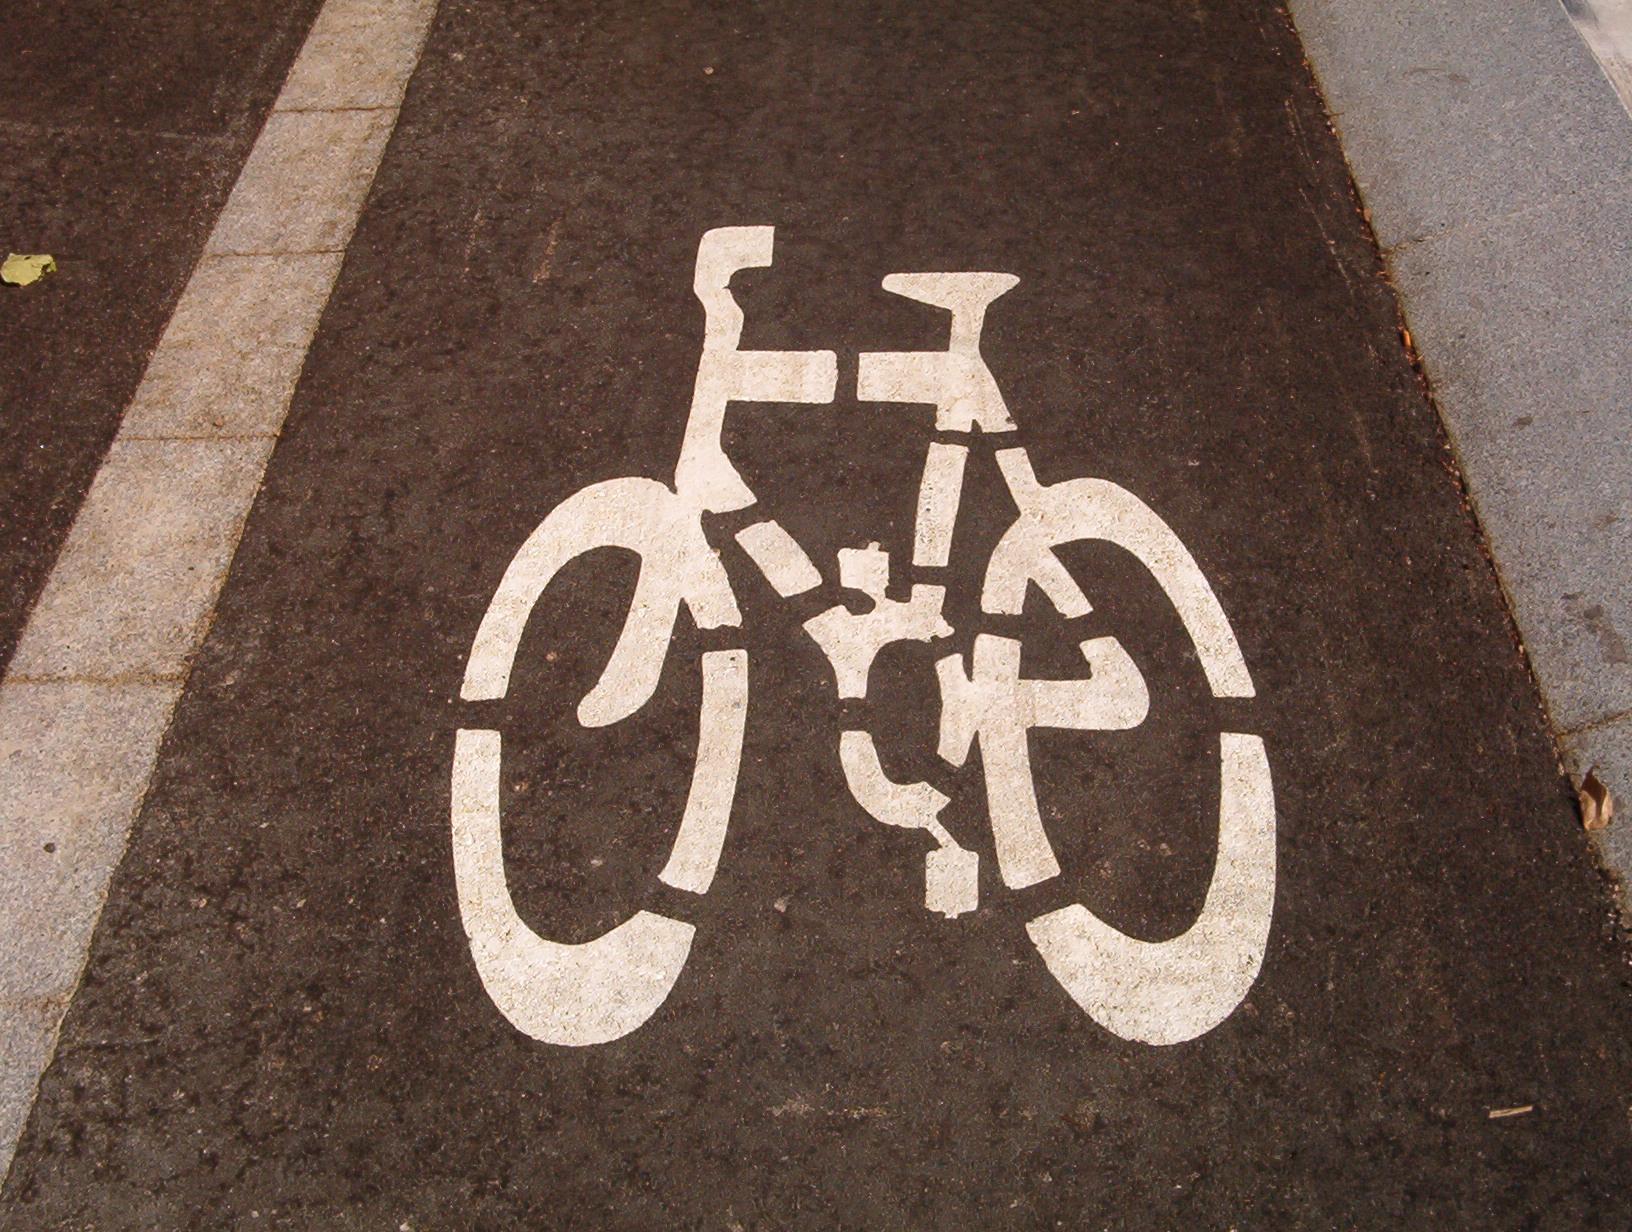 La nova pista poliesportiva i el carril bici, inversions destacades a Sant Carles de la R